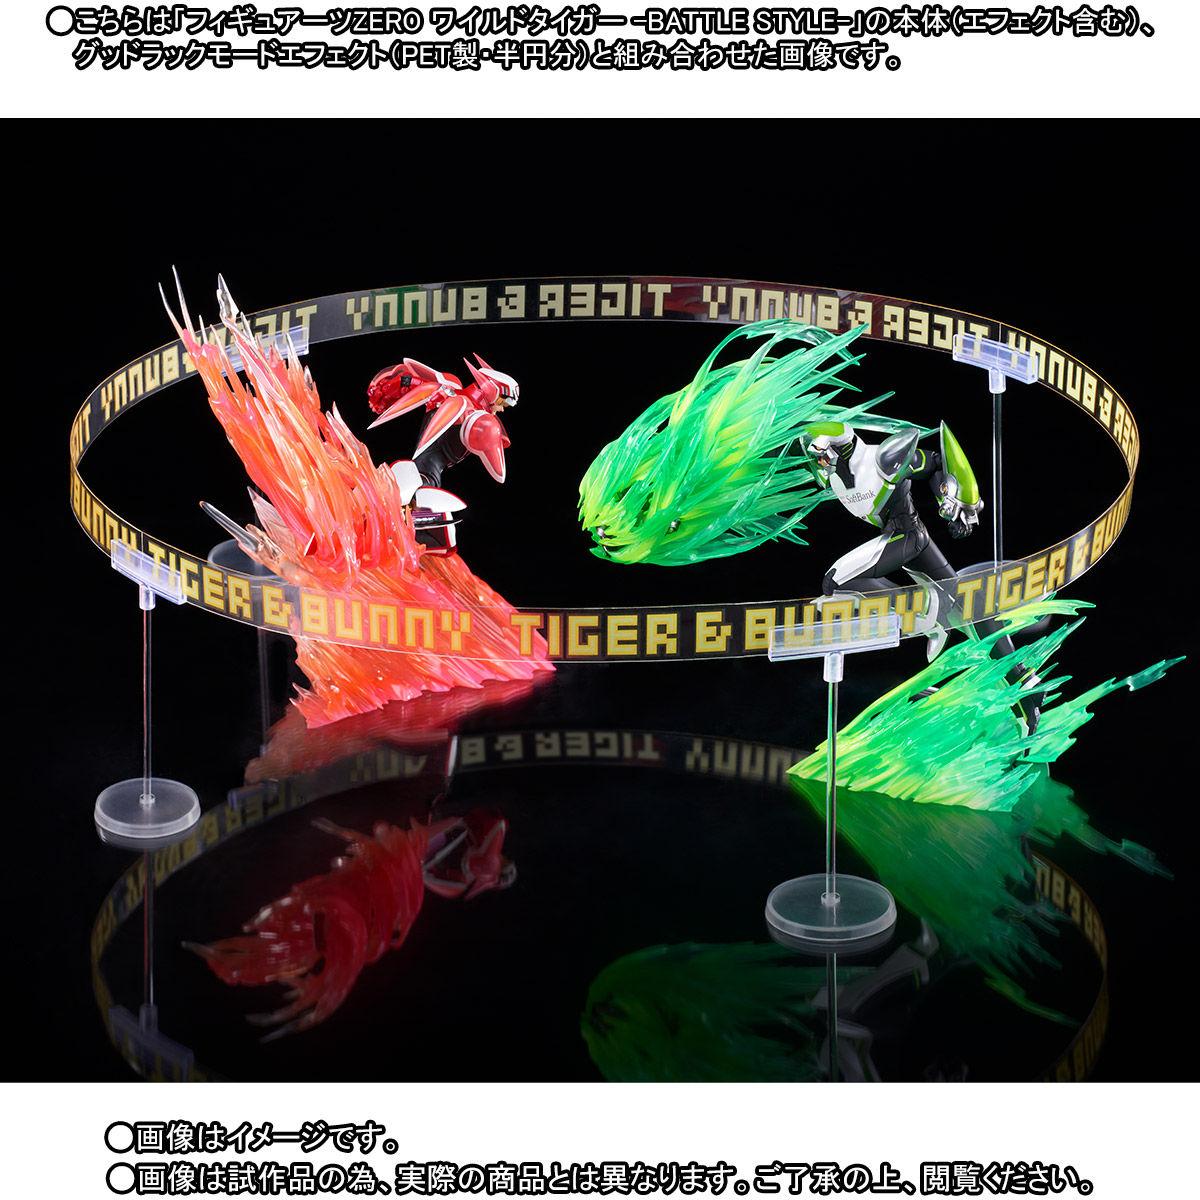 フィギュアーツZERO『バーナビー・ブルックスJr. -BATTLE STYLE-』TIGER & BUNNY 完成品フィギュア-008